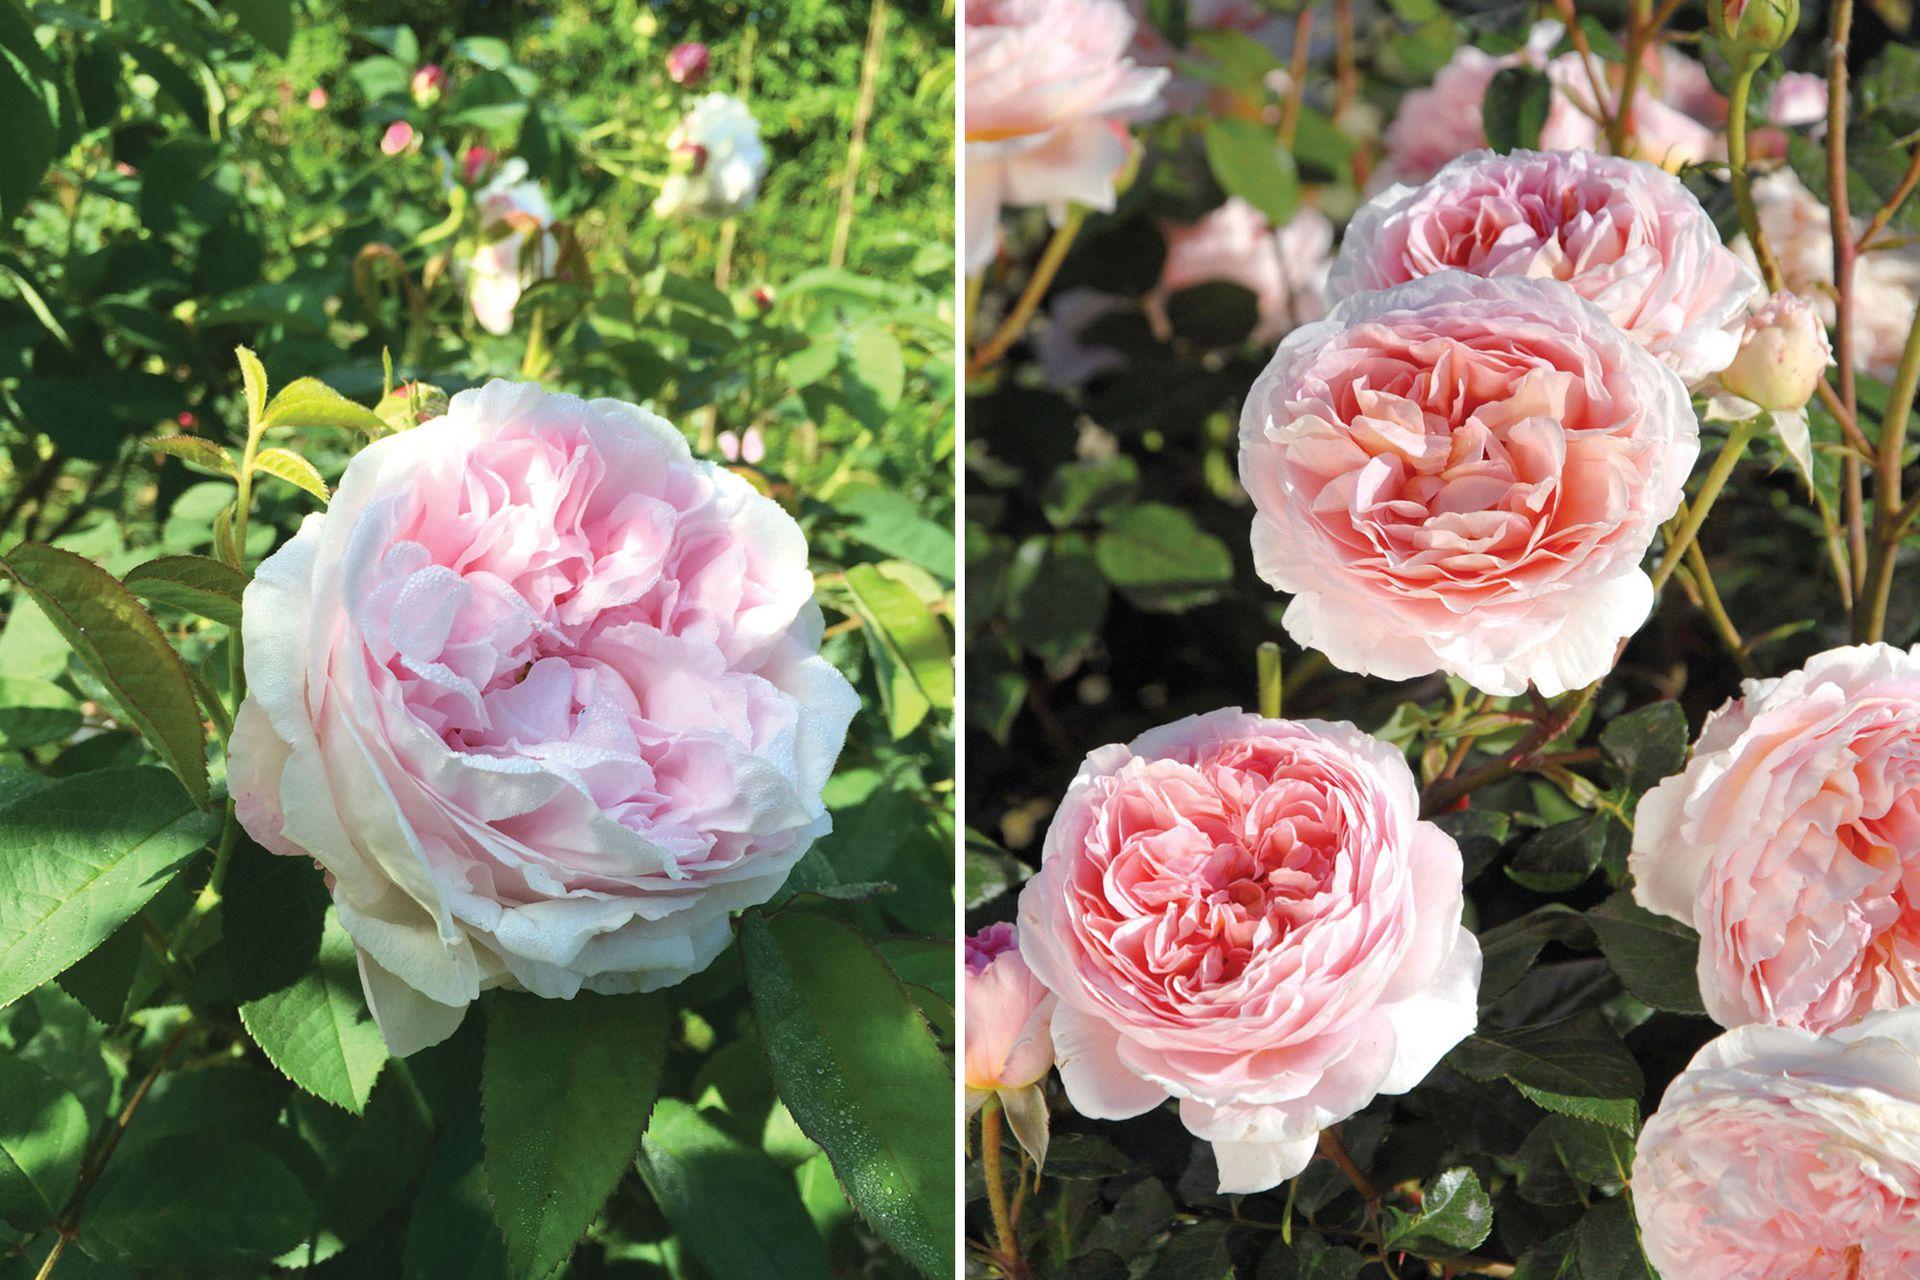 Las variedades 'Juno' (izquierda) y 'Abraham Darby' (derecha) son dos de las rosas preferidas por la dueña del jardín.